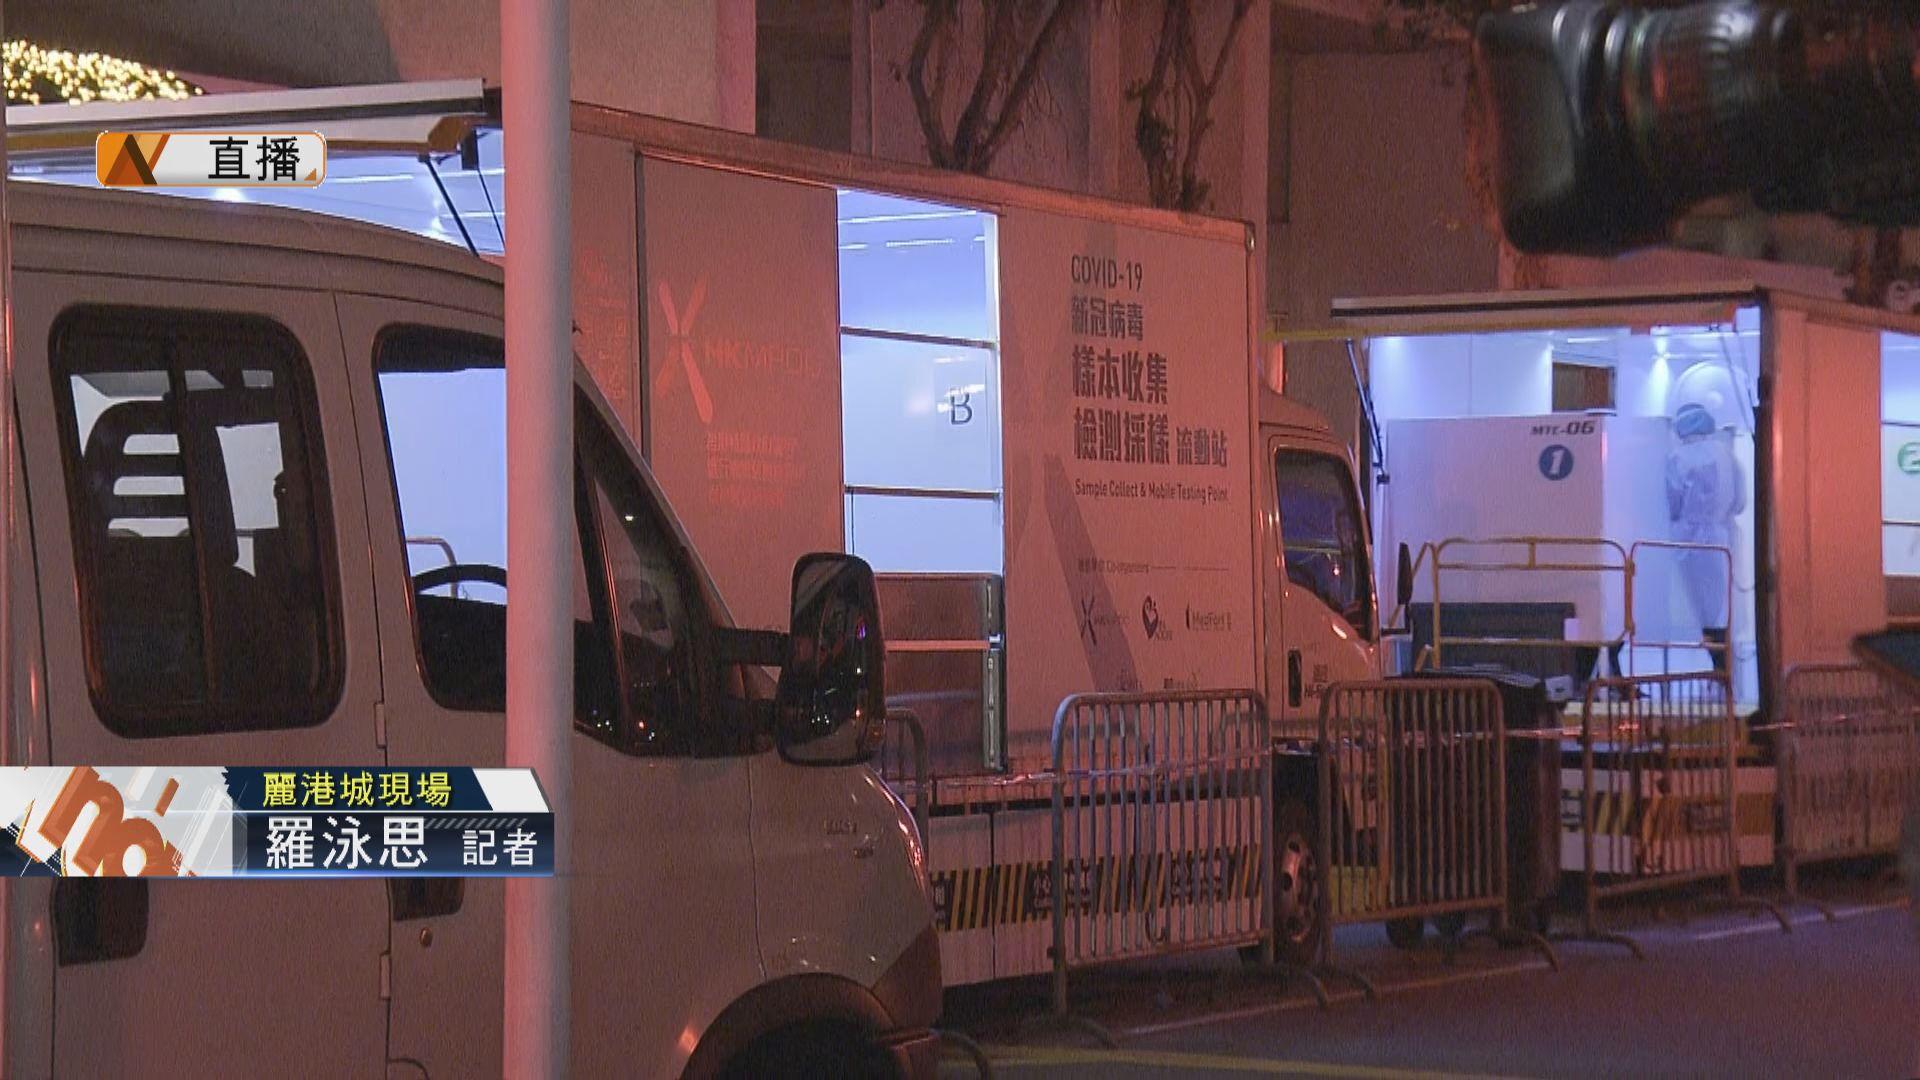 【麗港城‧現場報道】流動檢測車等陸續抵達為居民做檢測